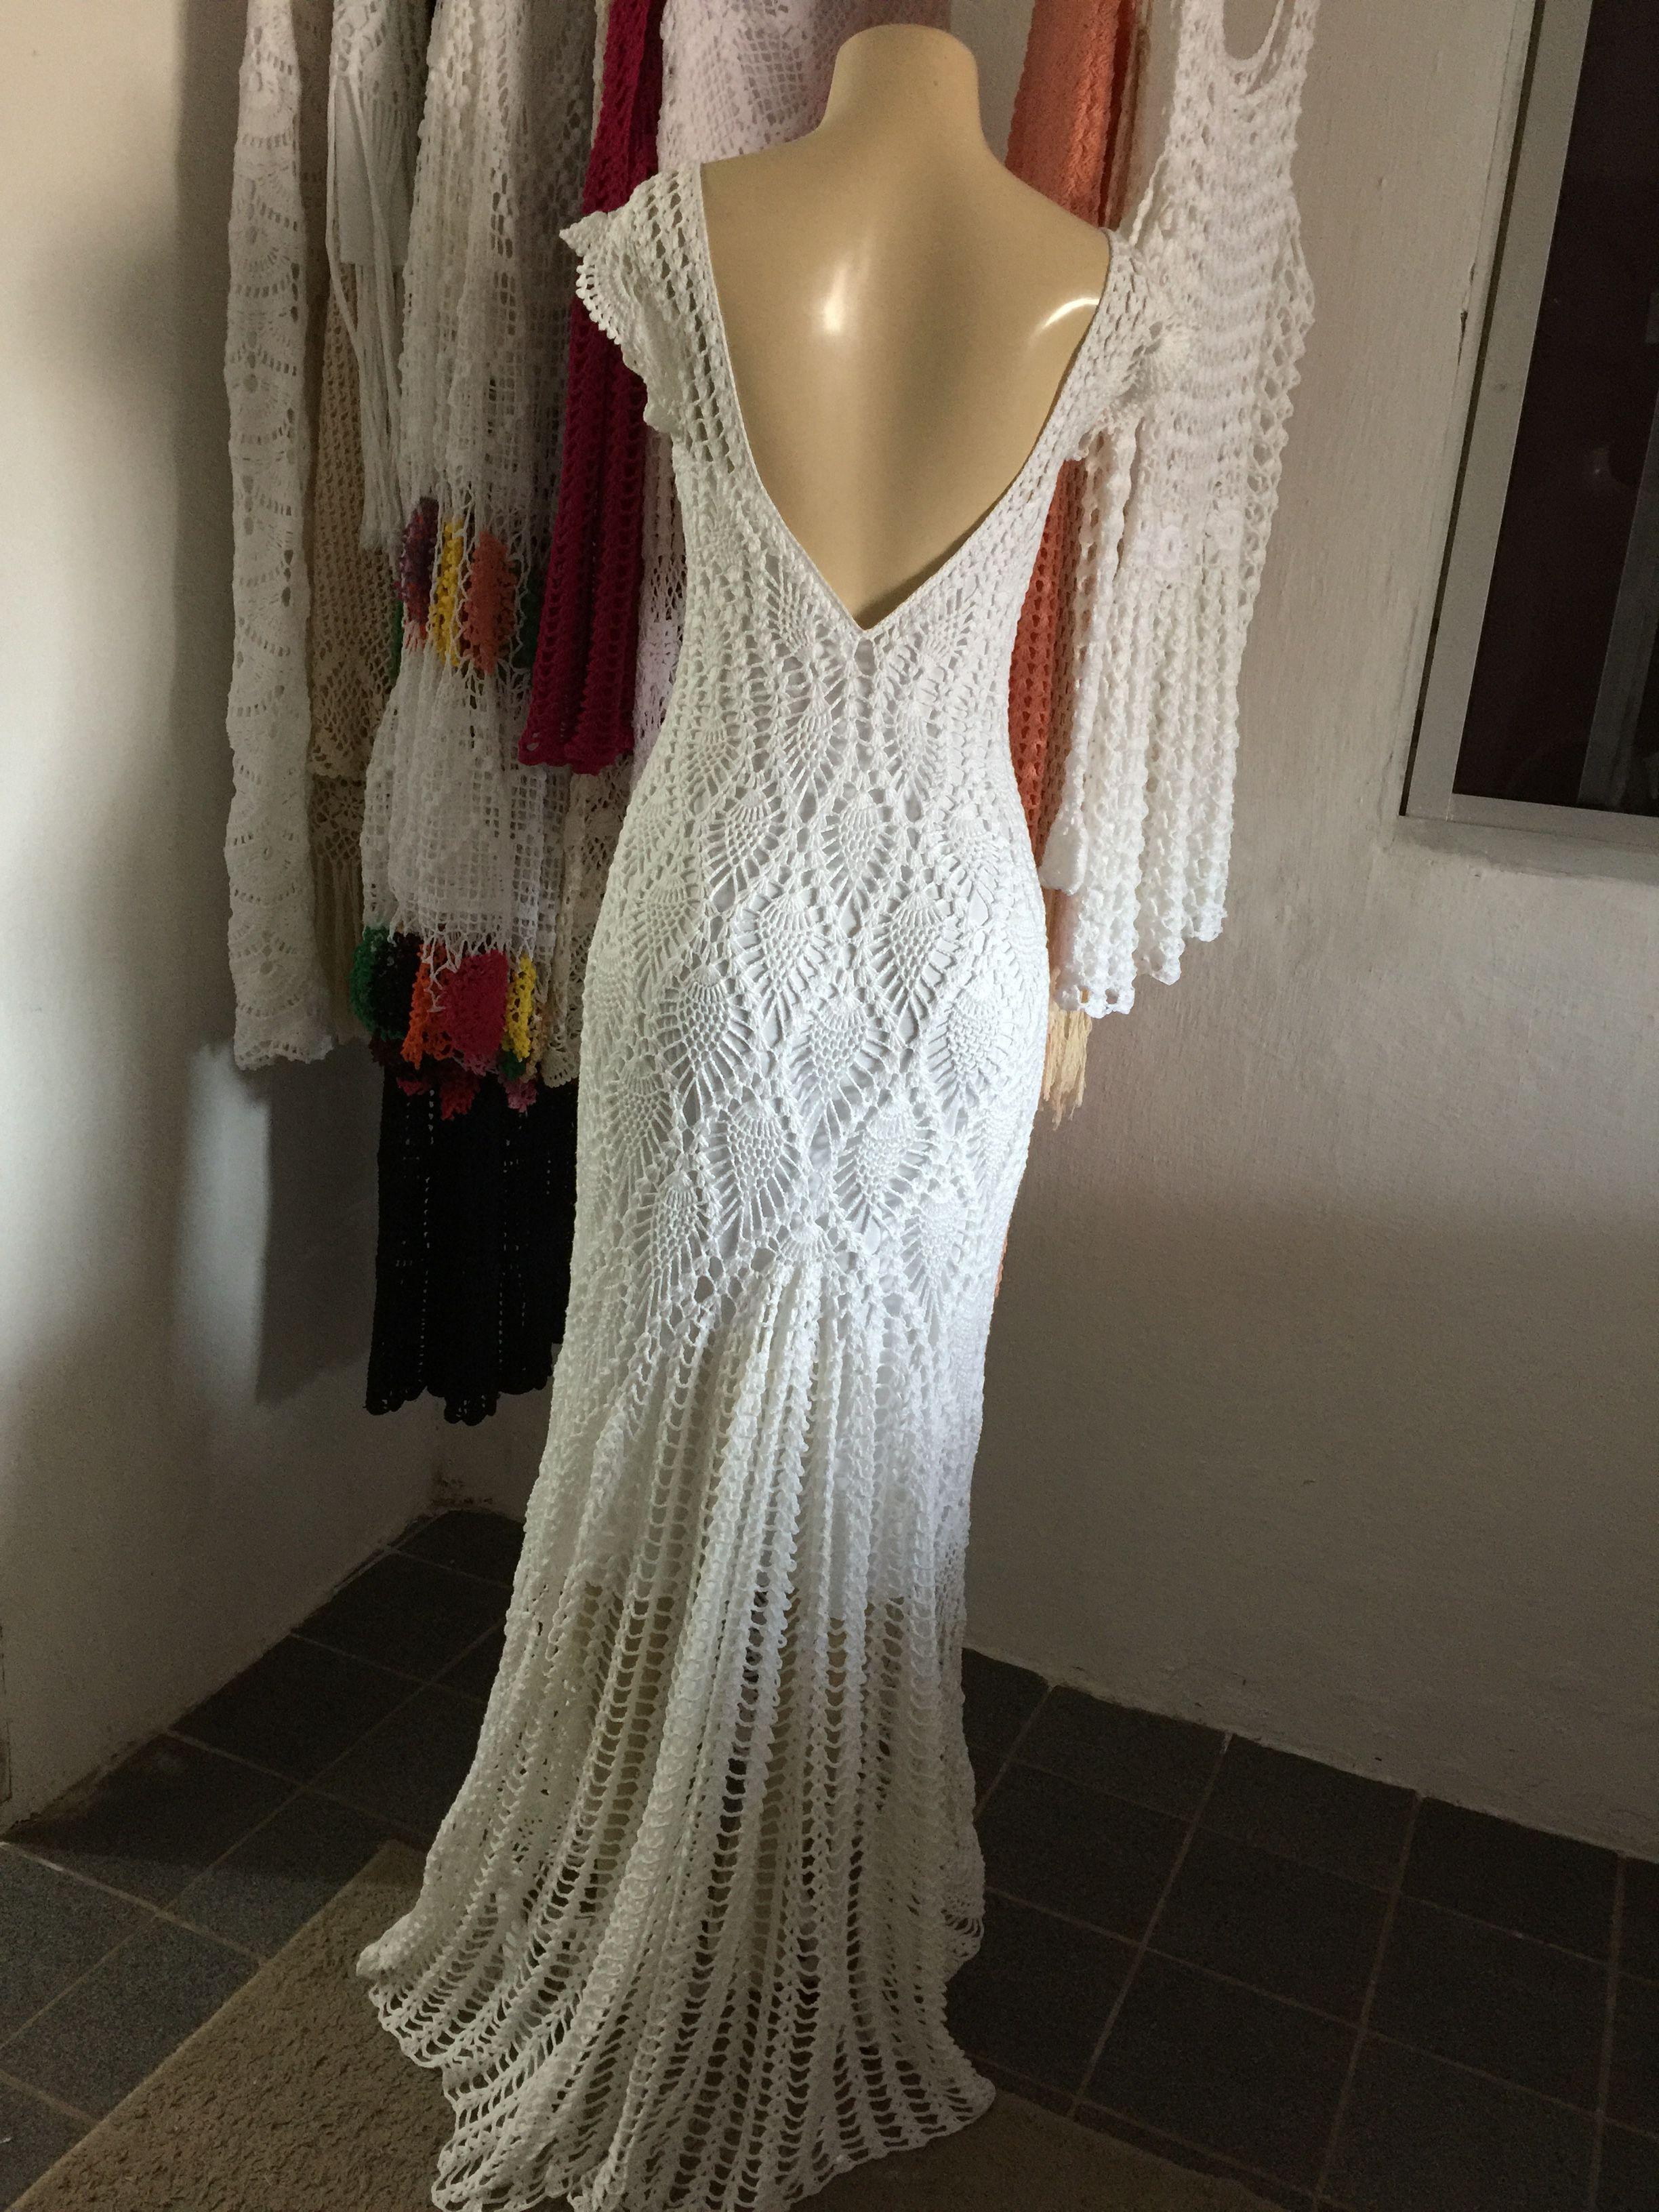 Crochet wedding dress pattern by Pacharee Yamwithaya on